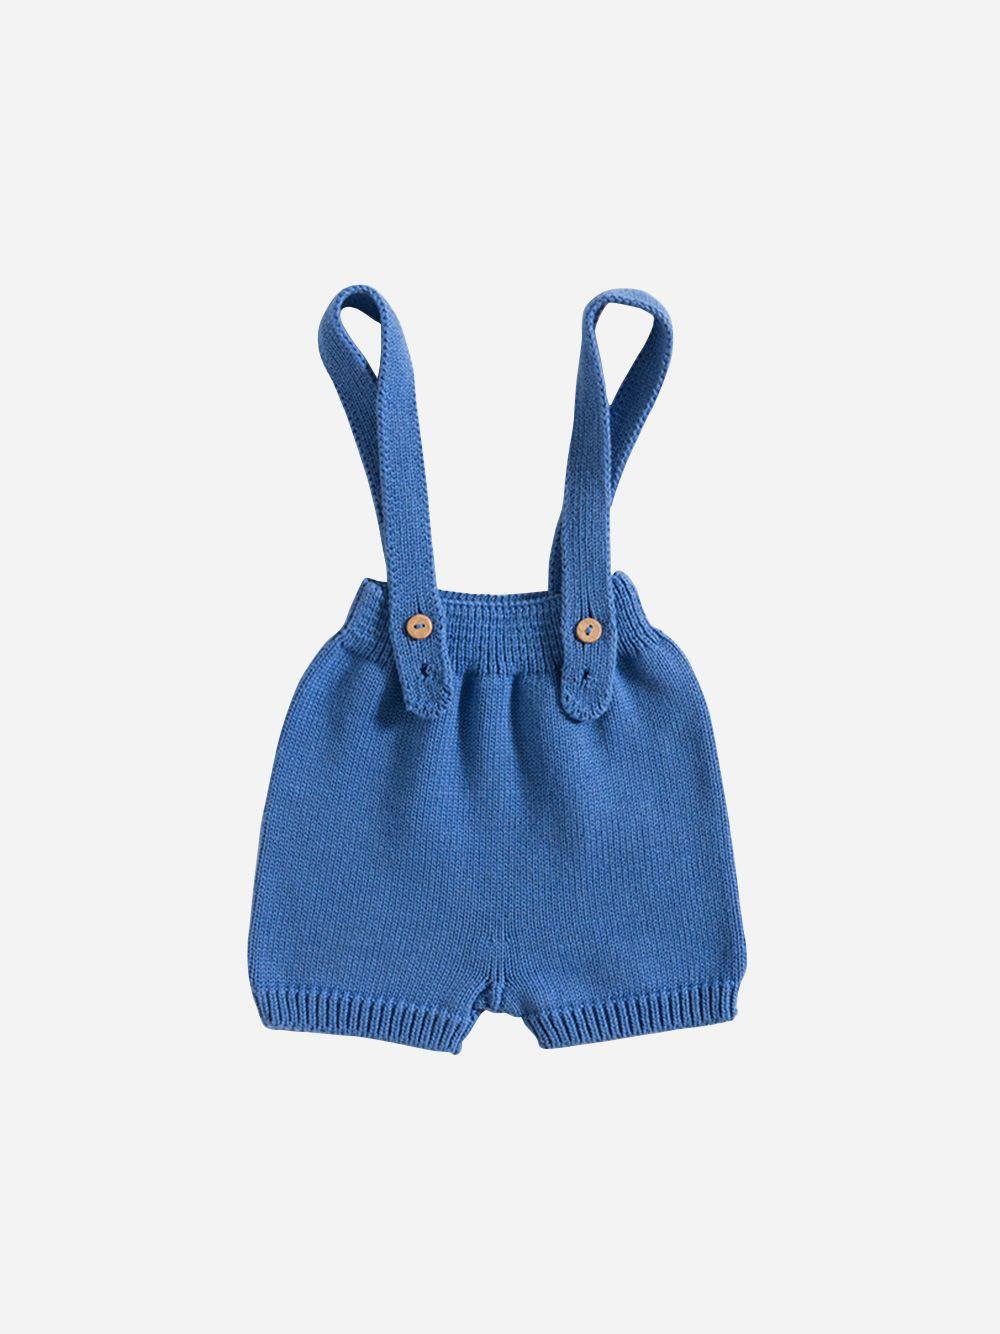 Calções Azulina | Grace Baby and Child